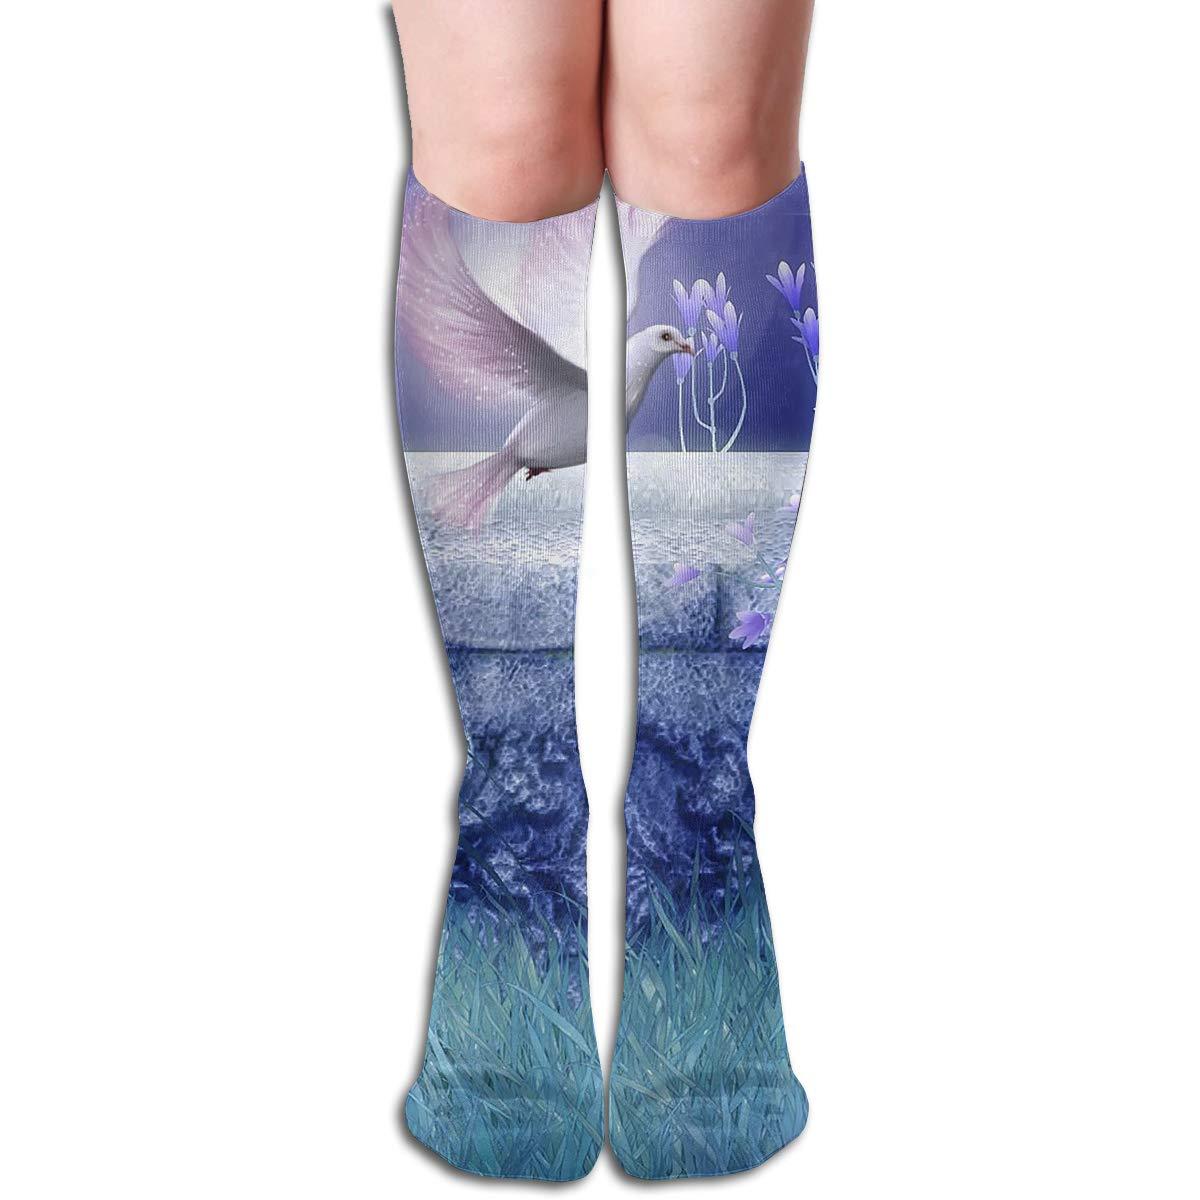 Amazon.com: Bandnae 19.68 Inch Compression Socks Dove Flower ...